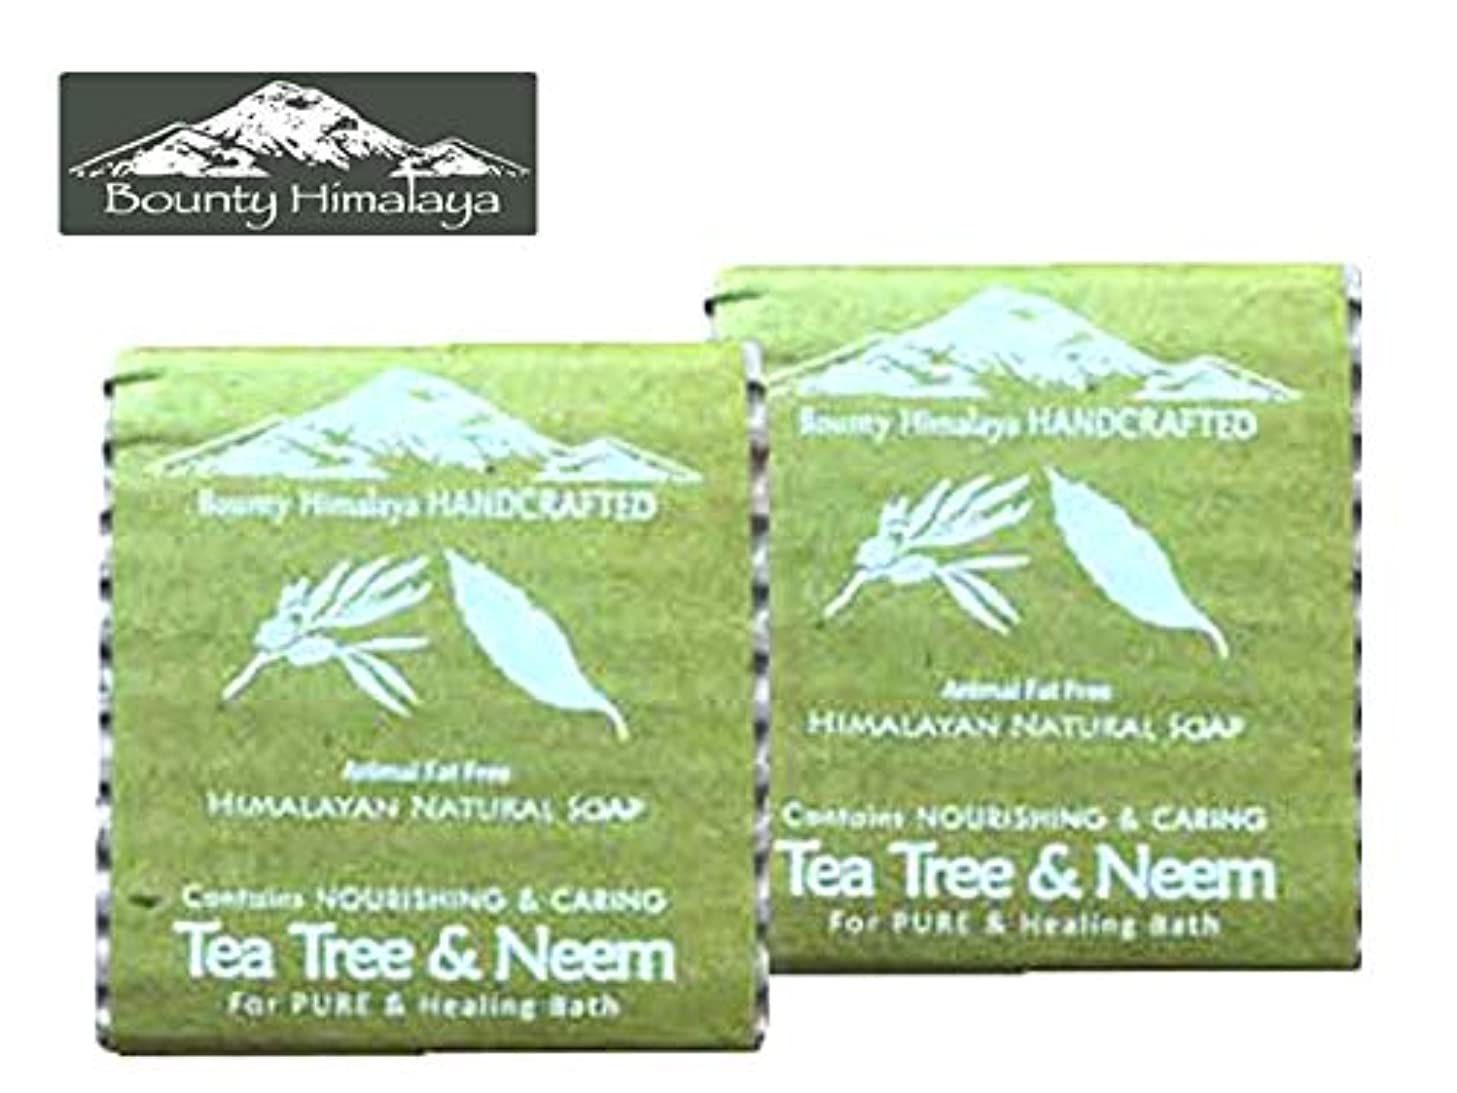 ジャンプ防腐剤送るアーユルヴェーダ ヒマラヤ ティーツリー?ニーム ソープ2セット Bounty Himalaya Tea Tree & Neem SOAP(NEPAL AYURVEDA) 100g